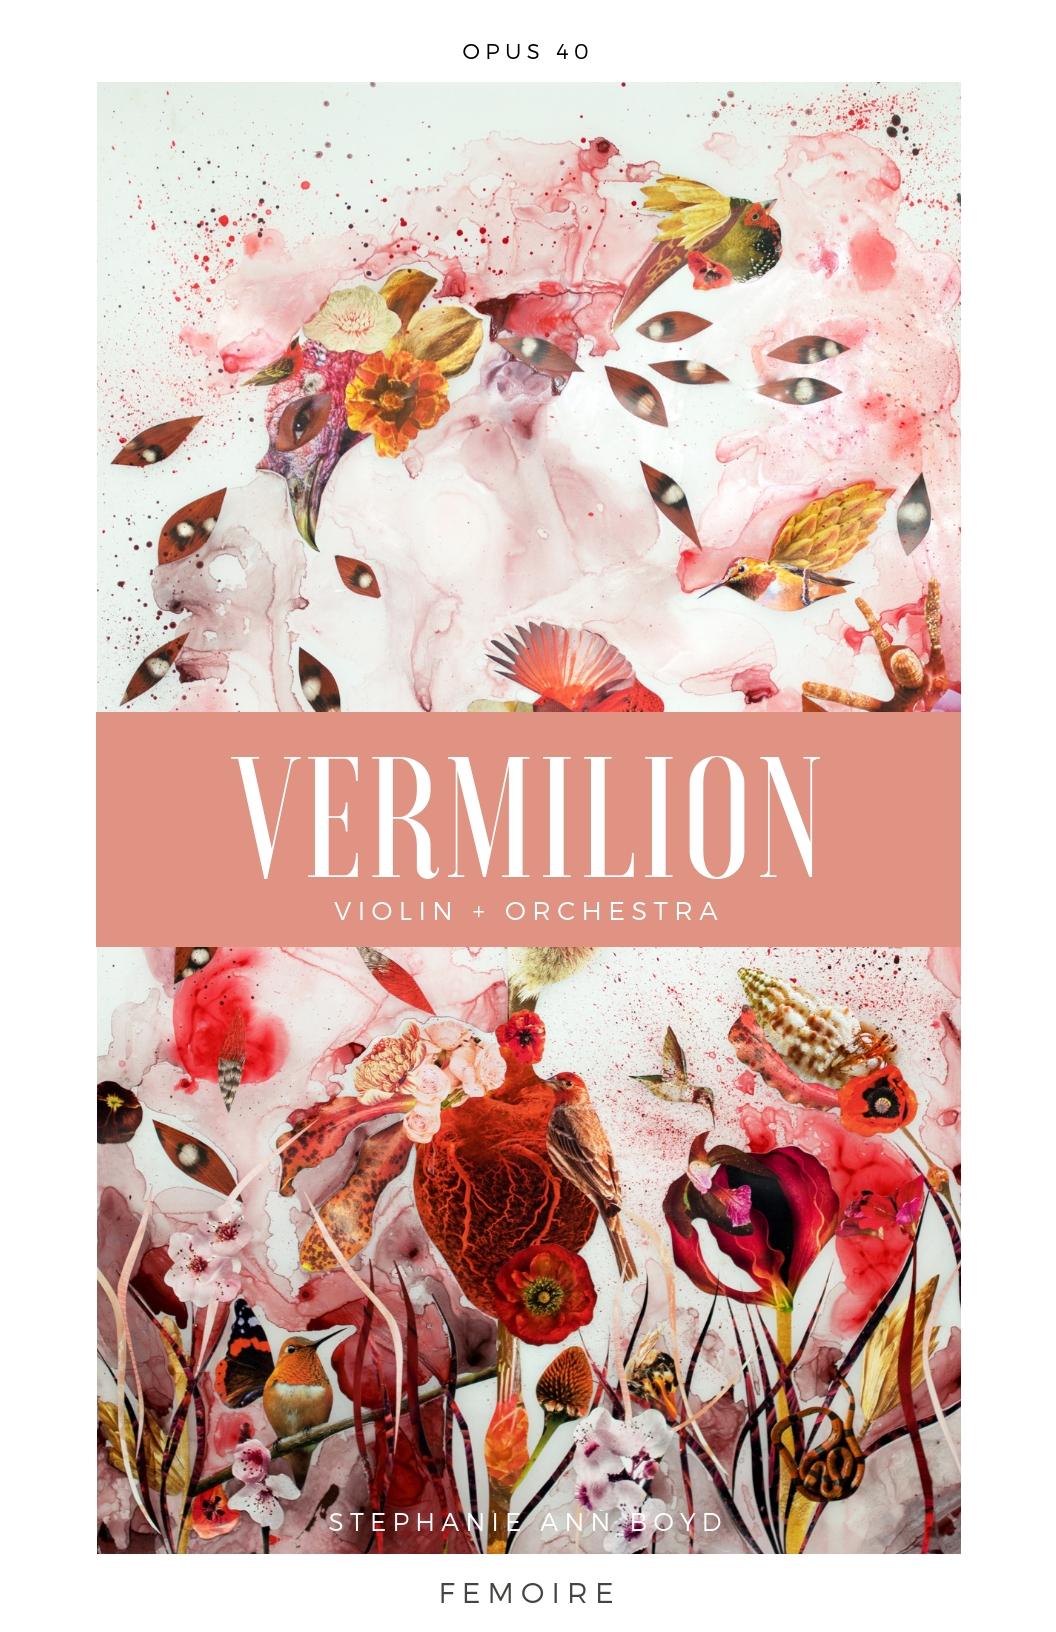 Copy of VERMILION.jpg